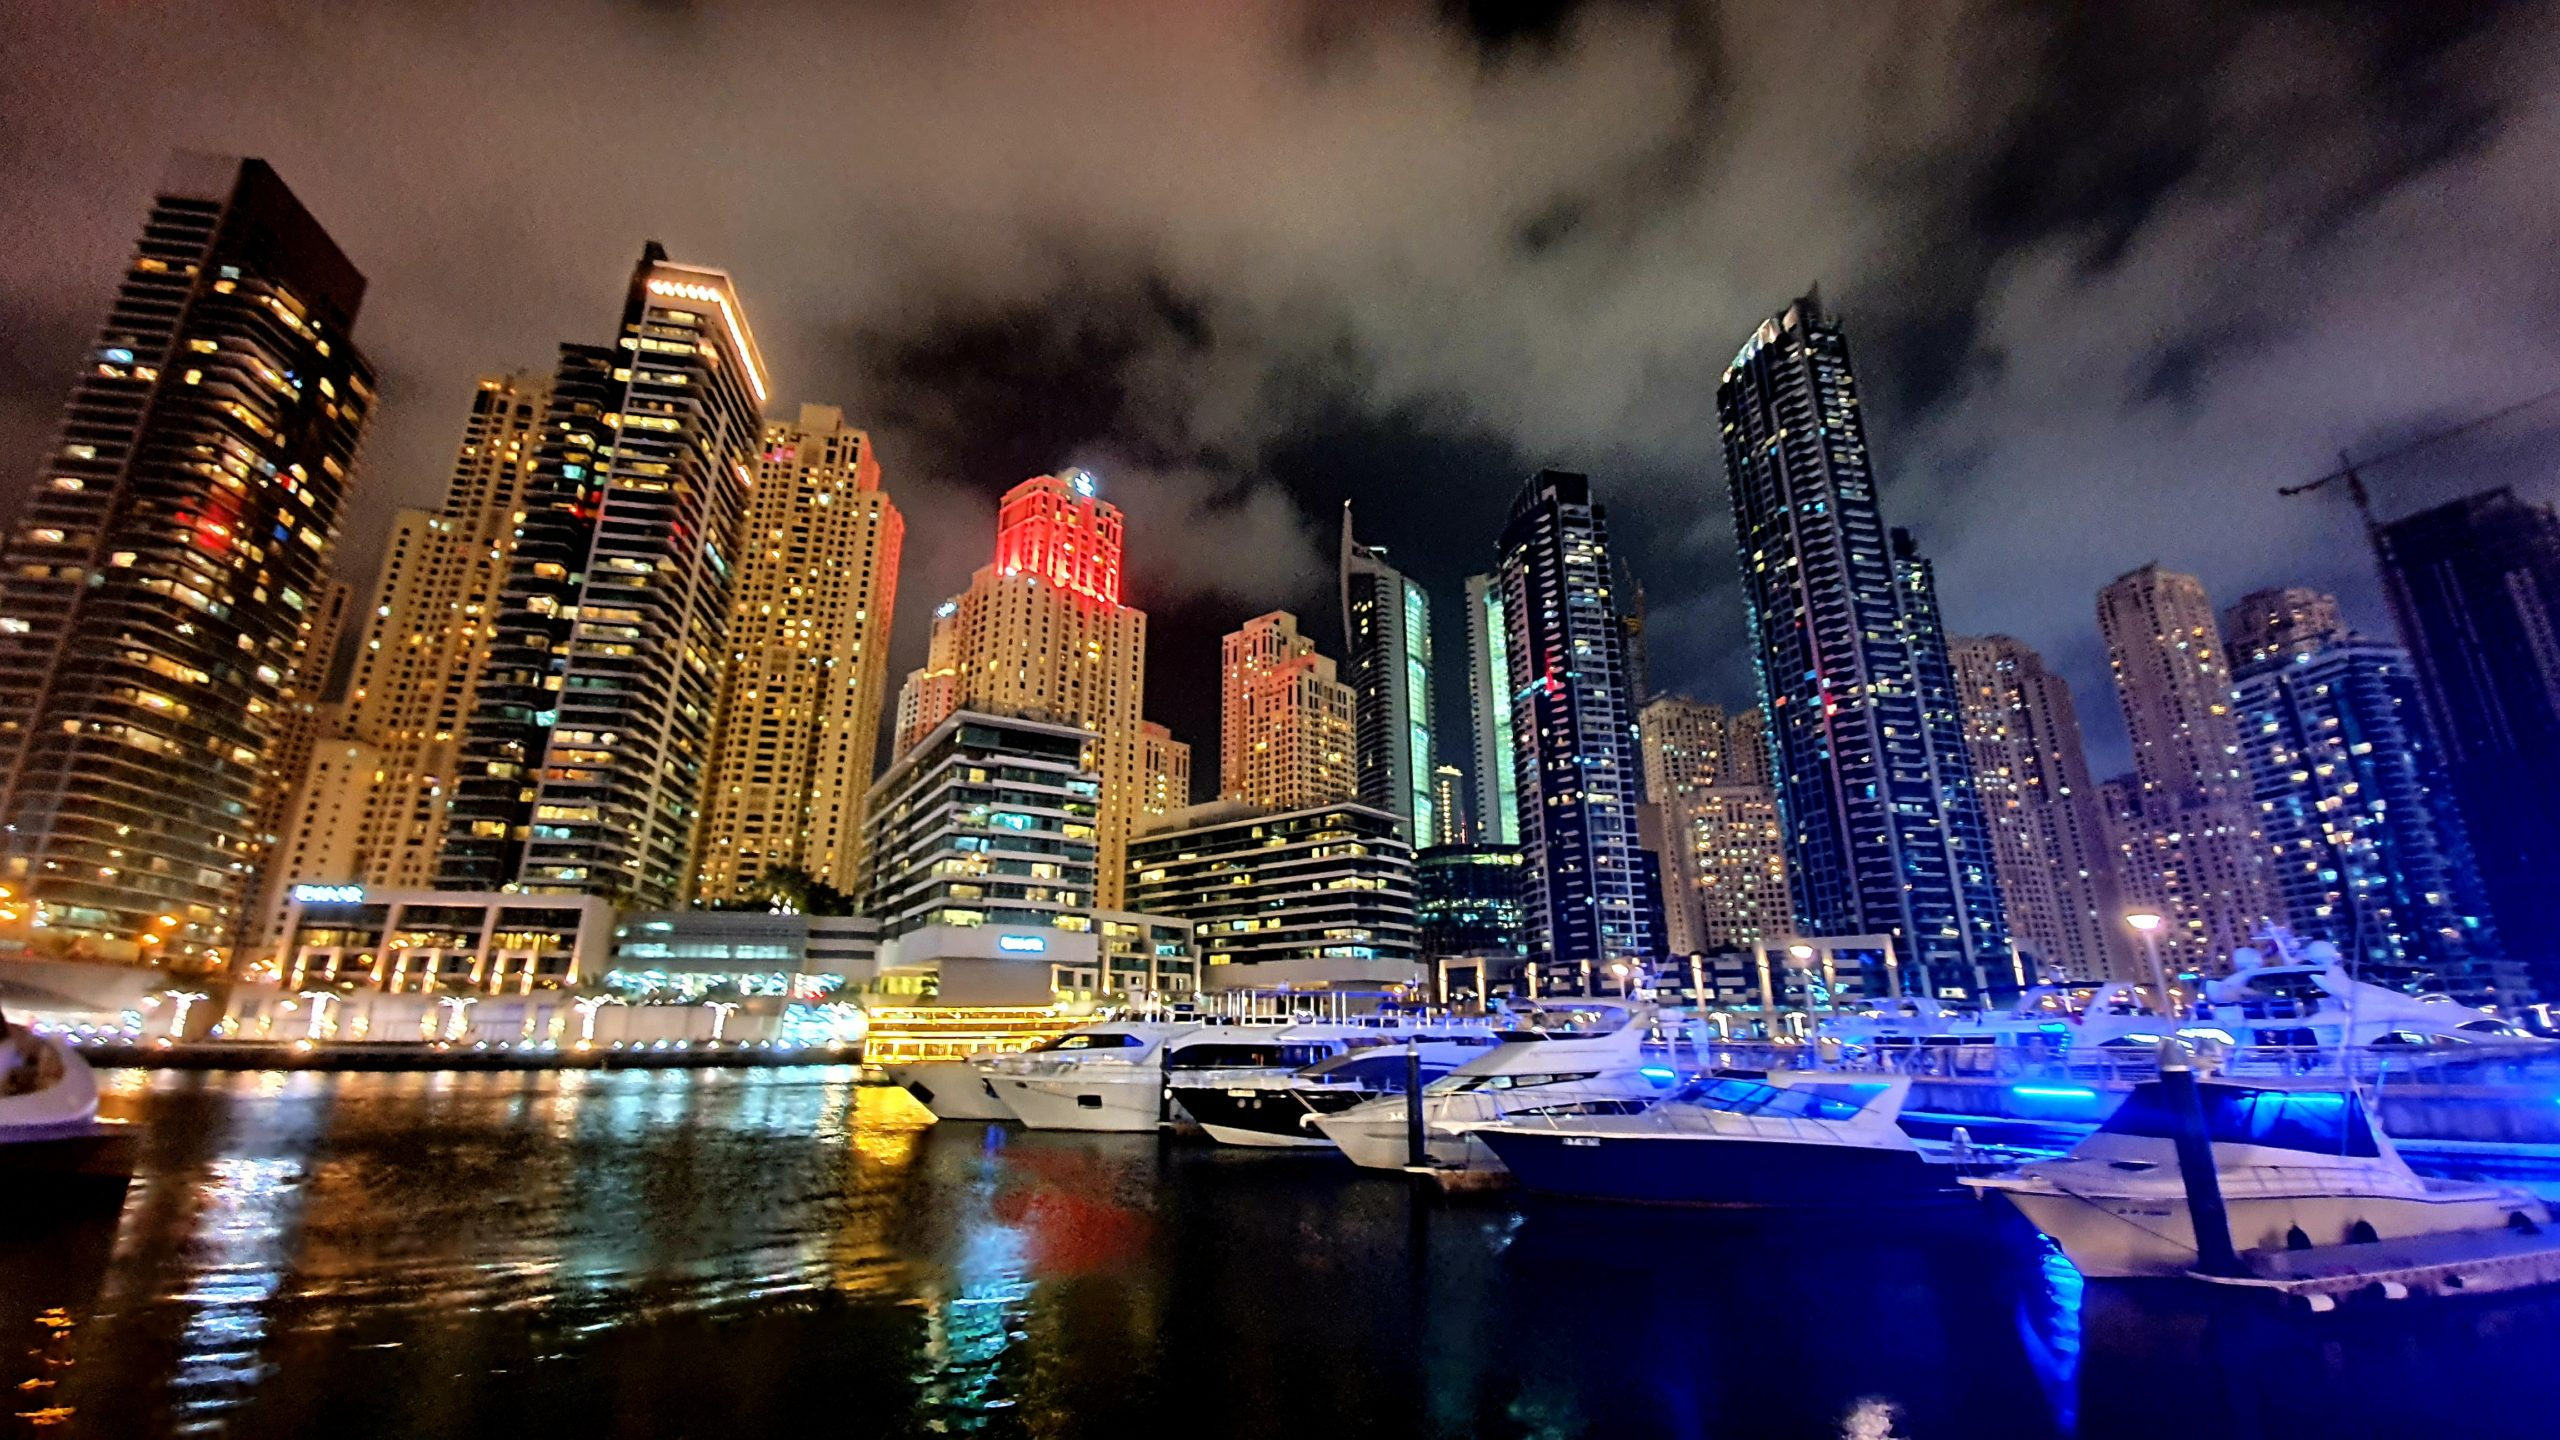 Dubai Marina dwa dni w Dubaju